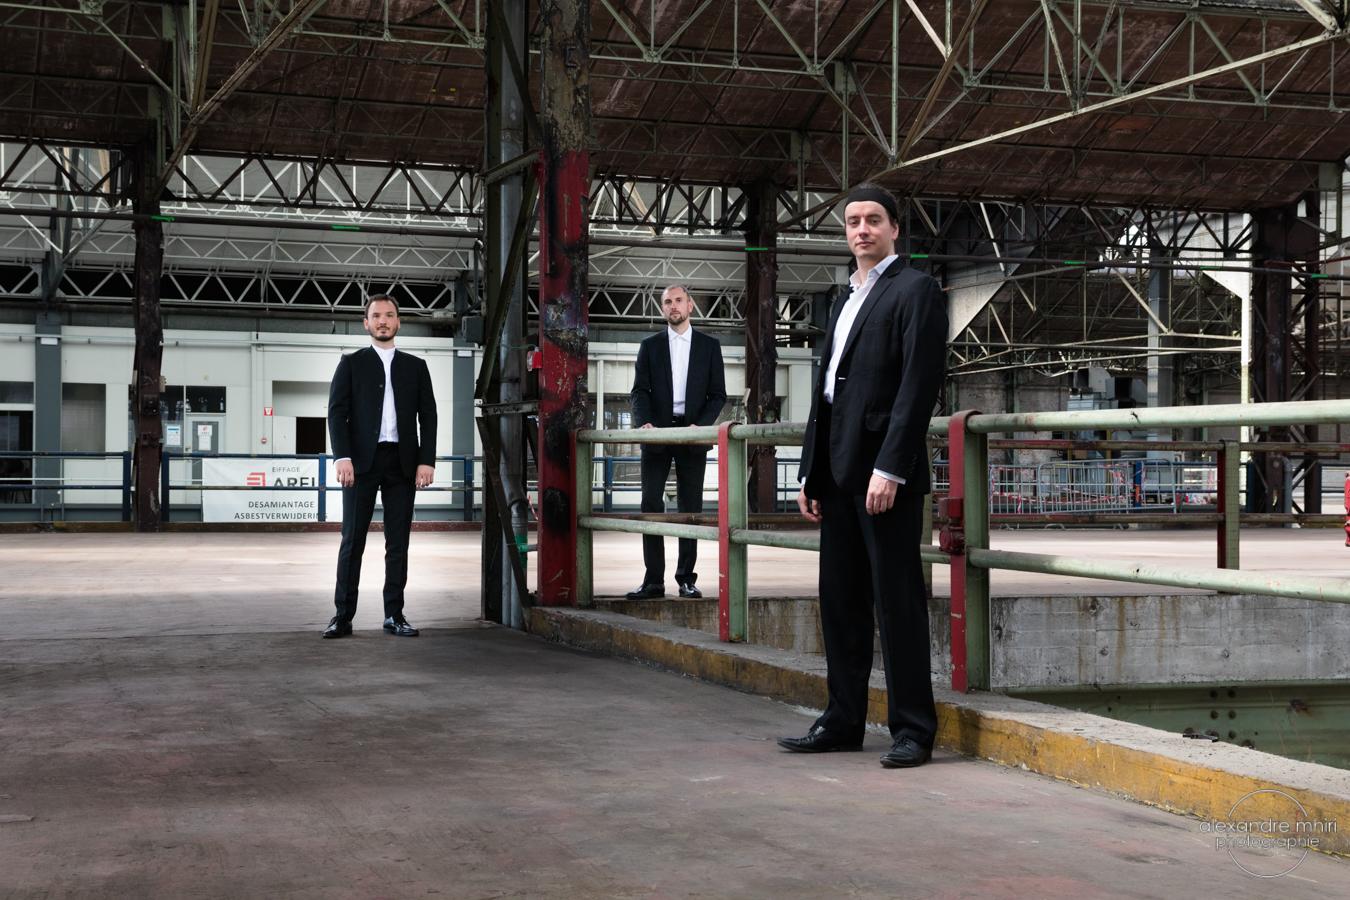 dimore quartetto spilliaert trio 3